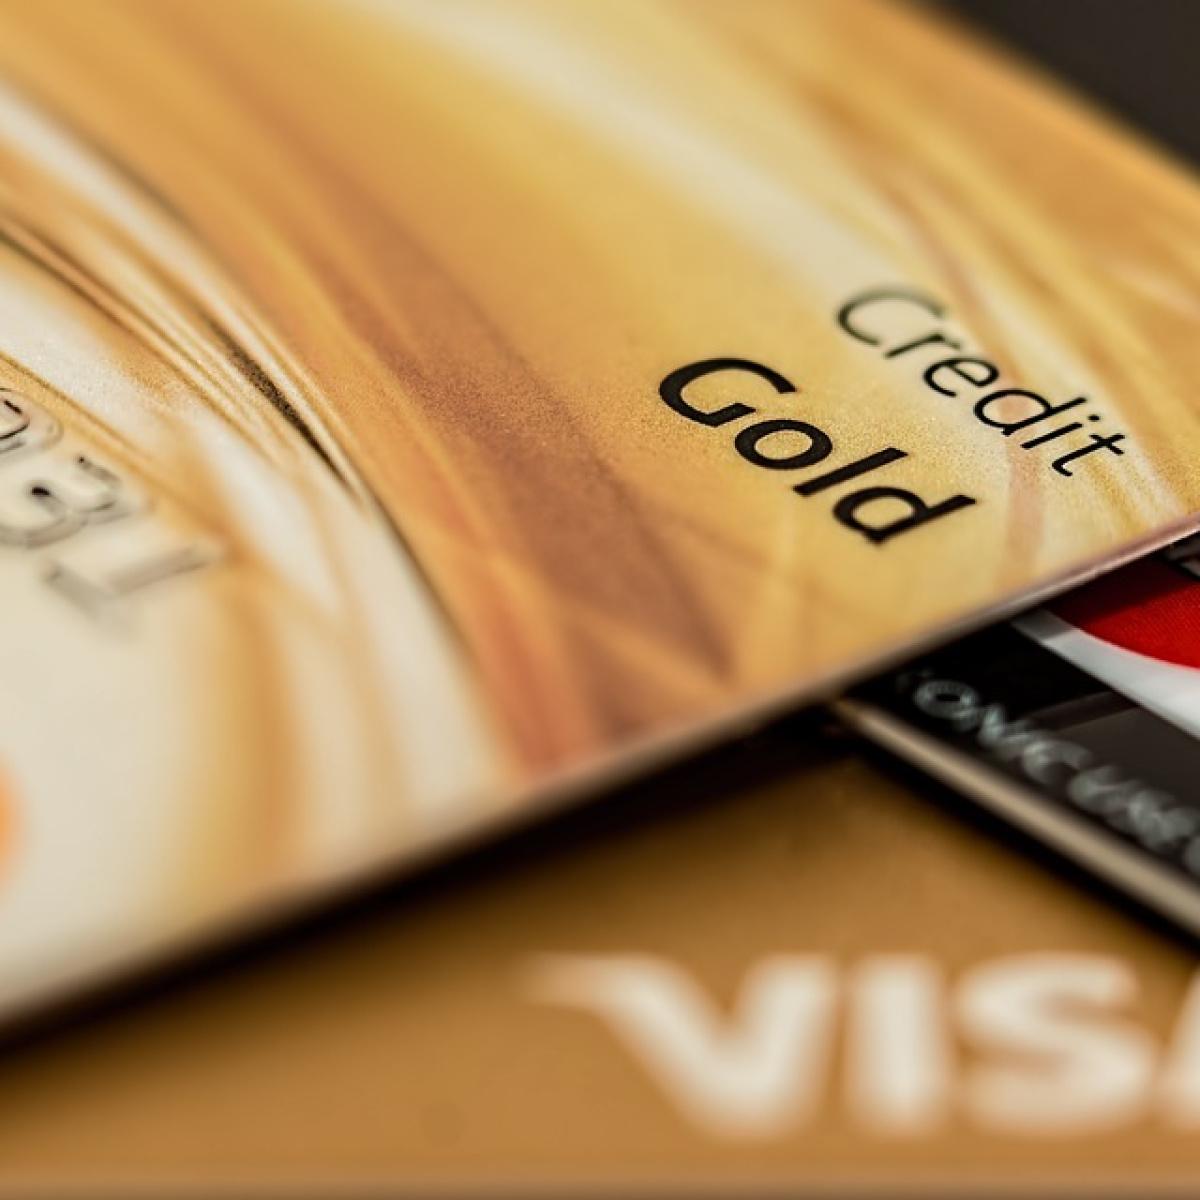 Как оформить кредит по паспорту через интернет